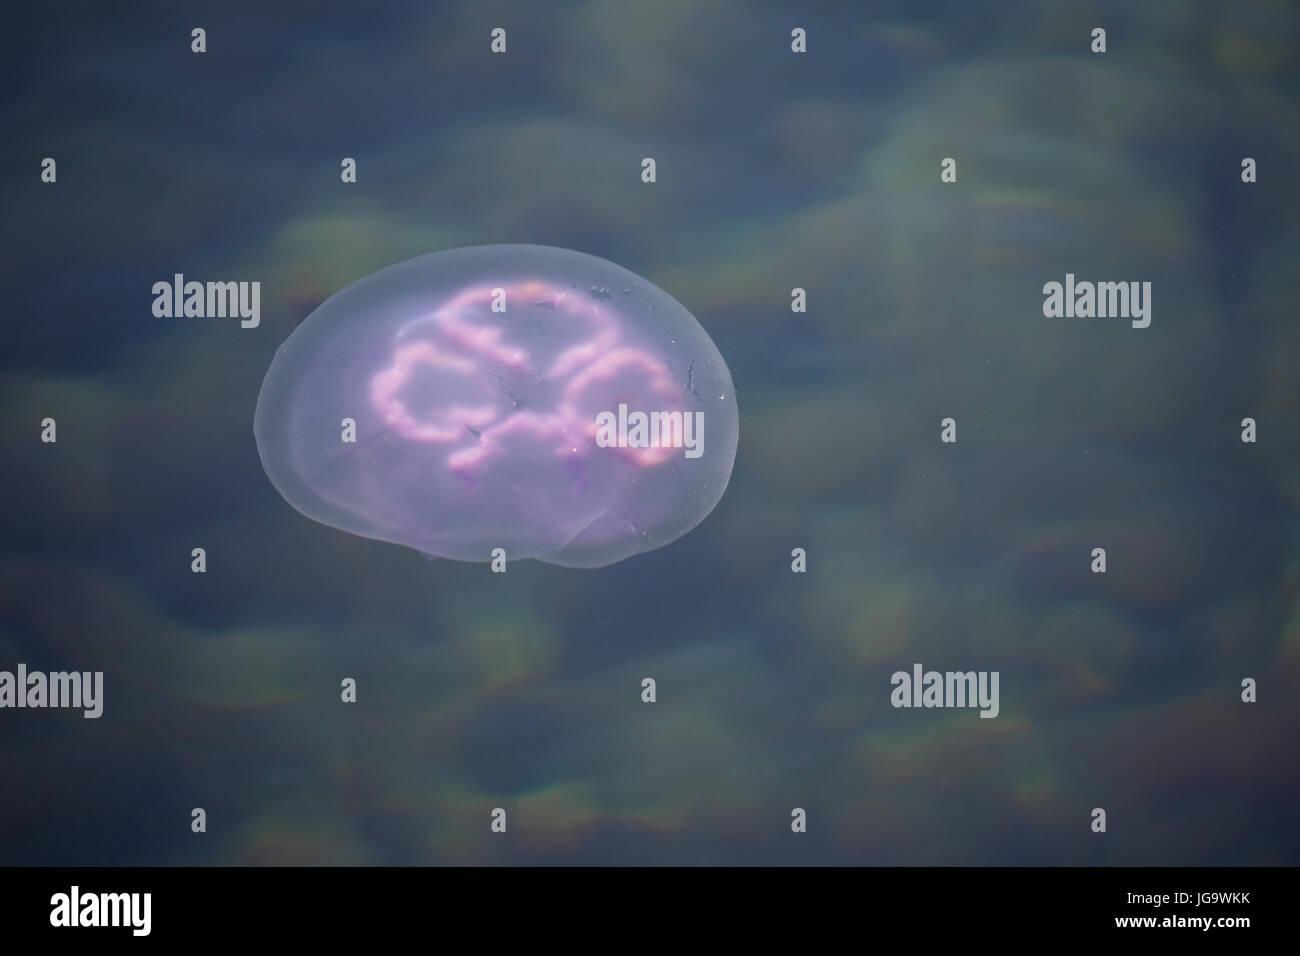 Ohrenqualle, Ohren-Qualle, Qualle, Quallen, Meduse, Aurelia Golden moon Mond Qualle, gemeinsame Quallen, Gelee, Stockfoto